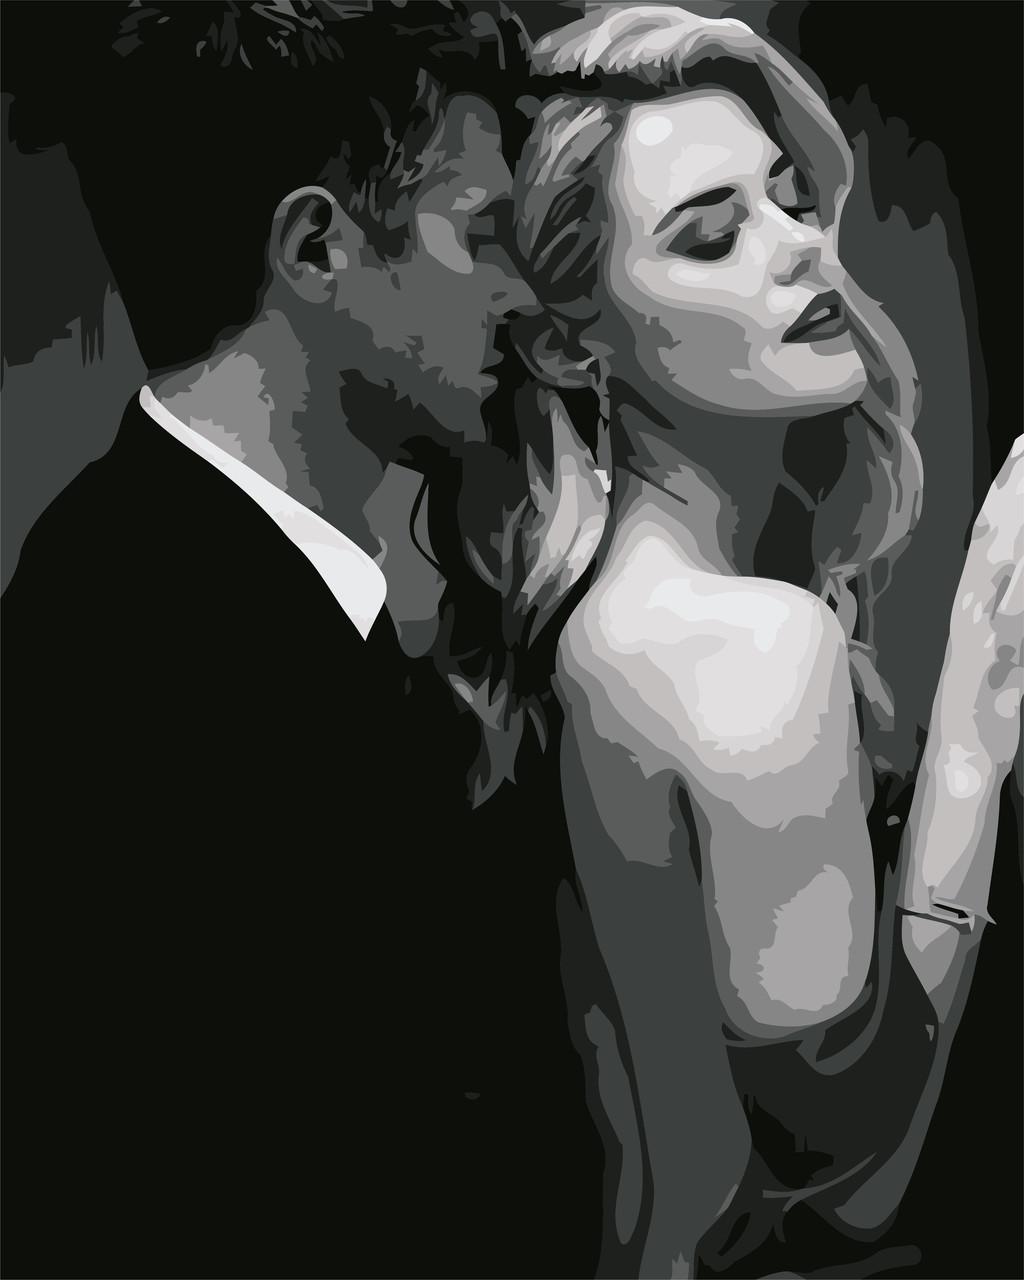 Художественный творческий набор, картина по номерам Влечение, 40x50 см, «Art Story» (AS0646)